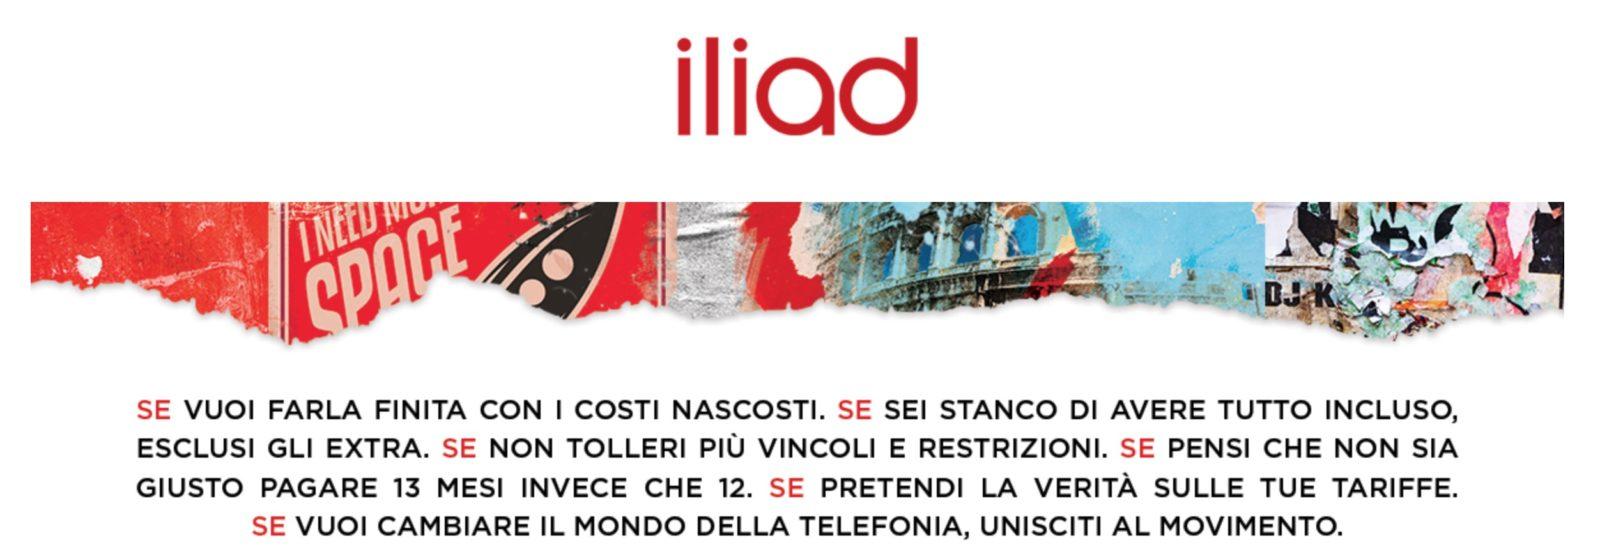 Il 29 maggio arriva Iliad Italia: